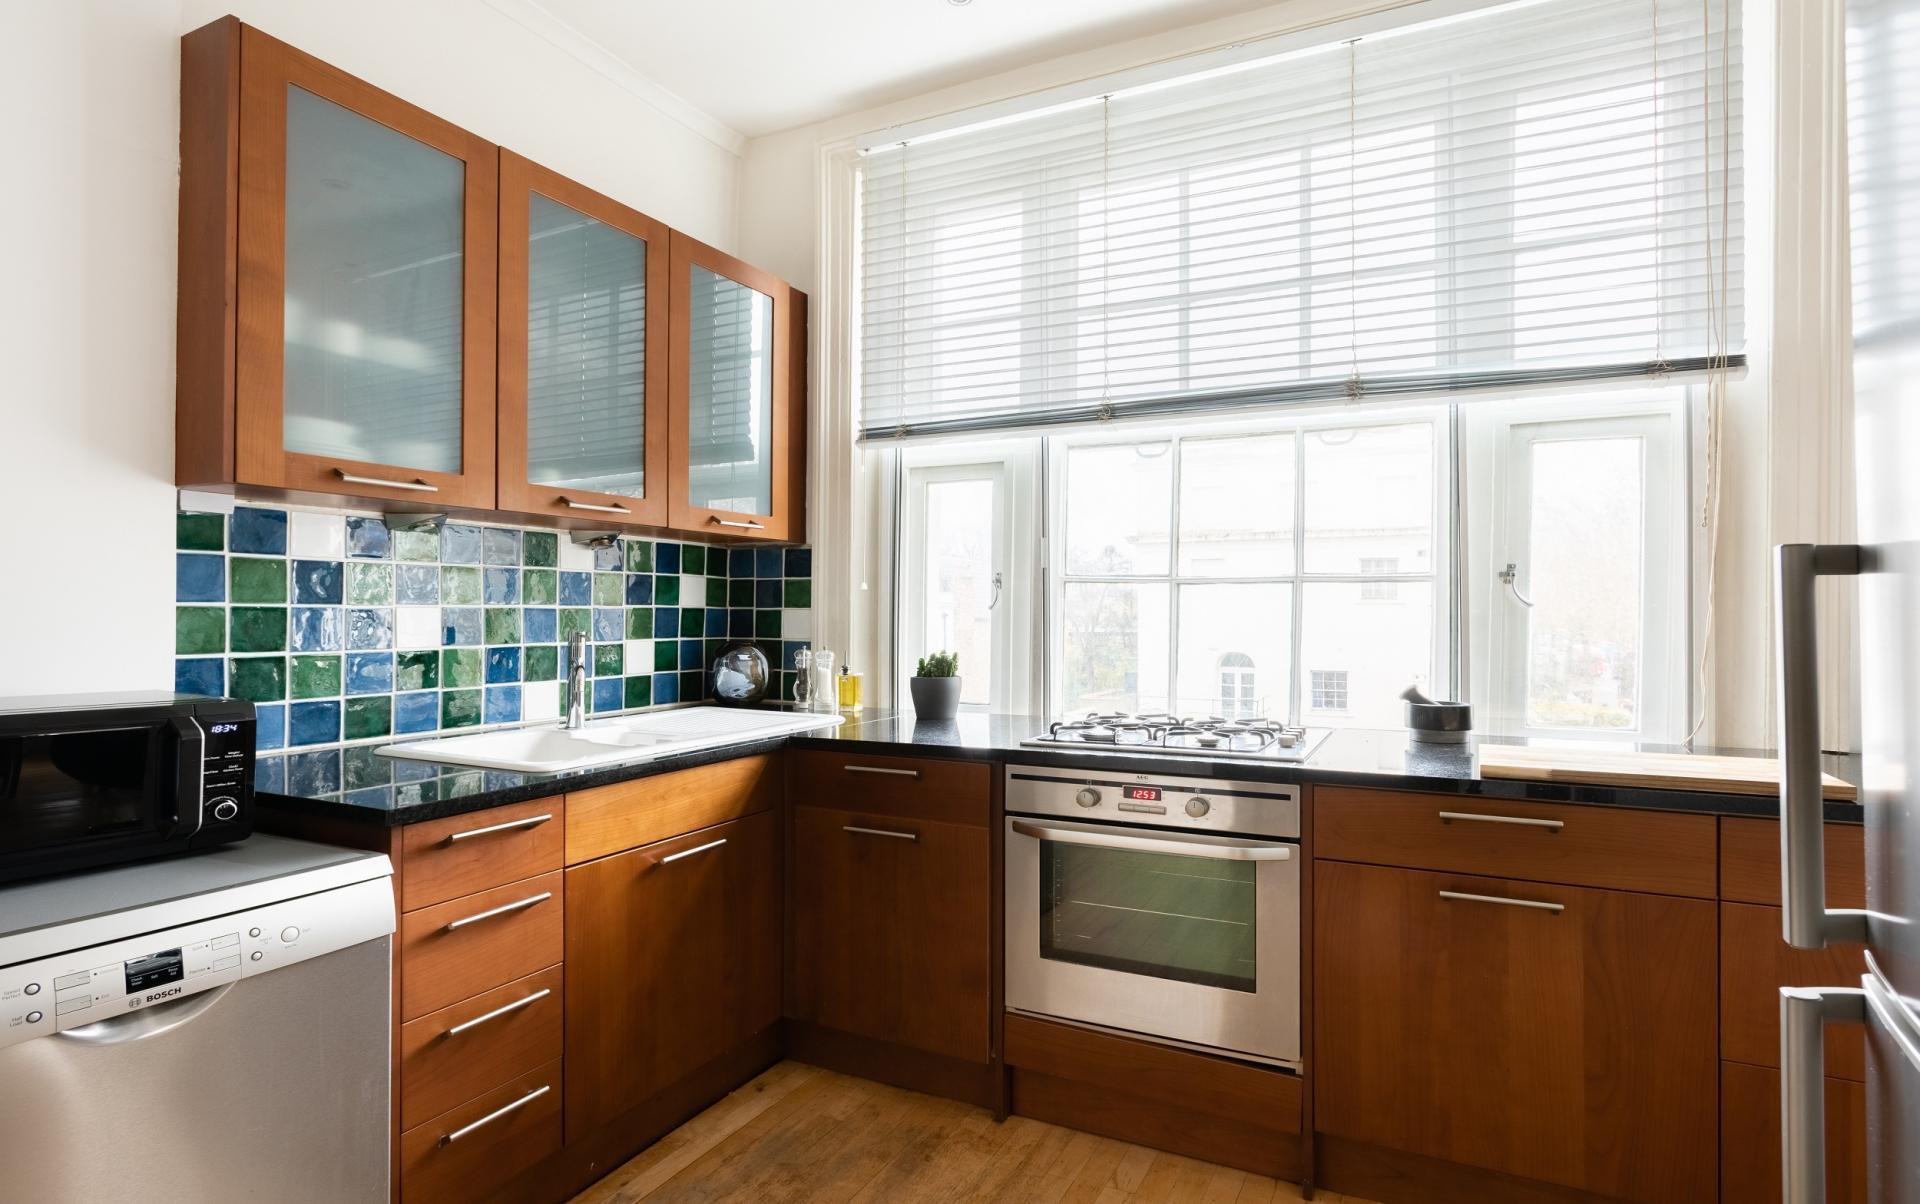 Kitchen at The Holland Park Escape, Holland Park, London